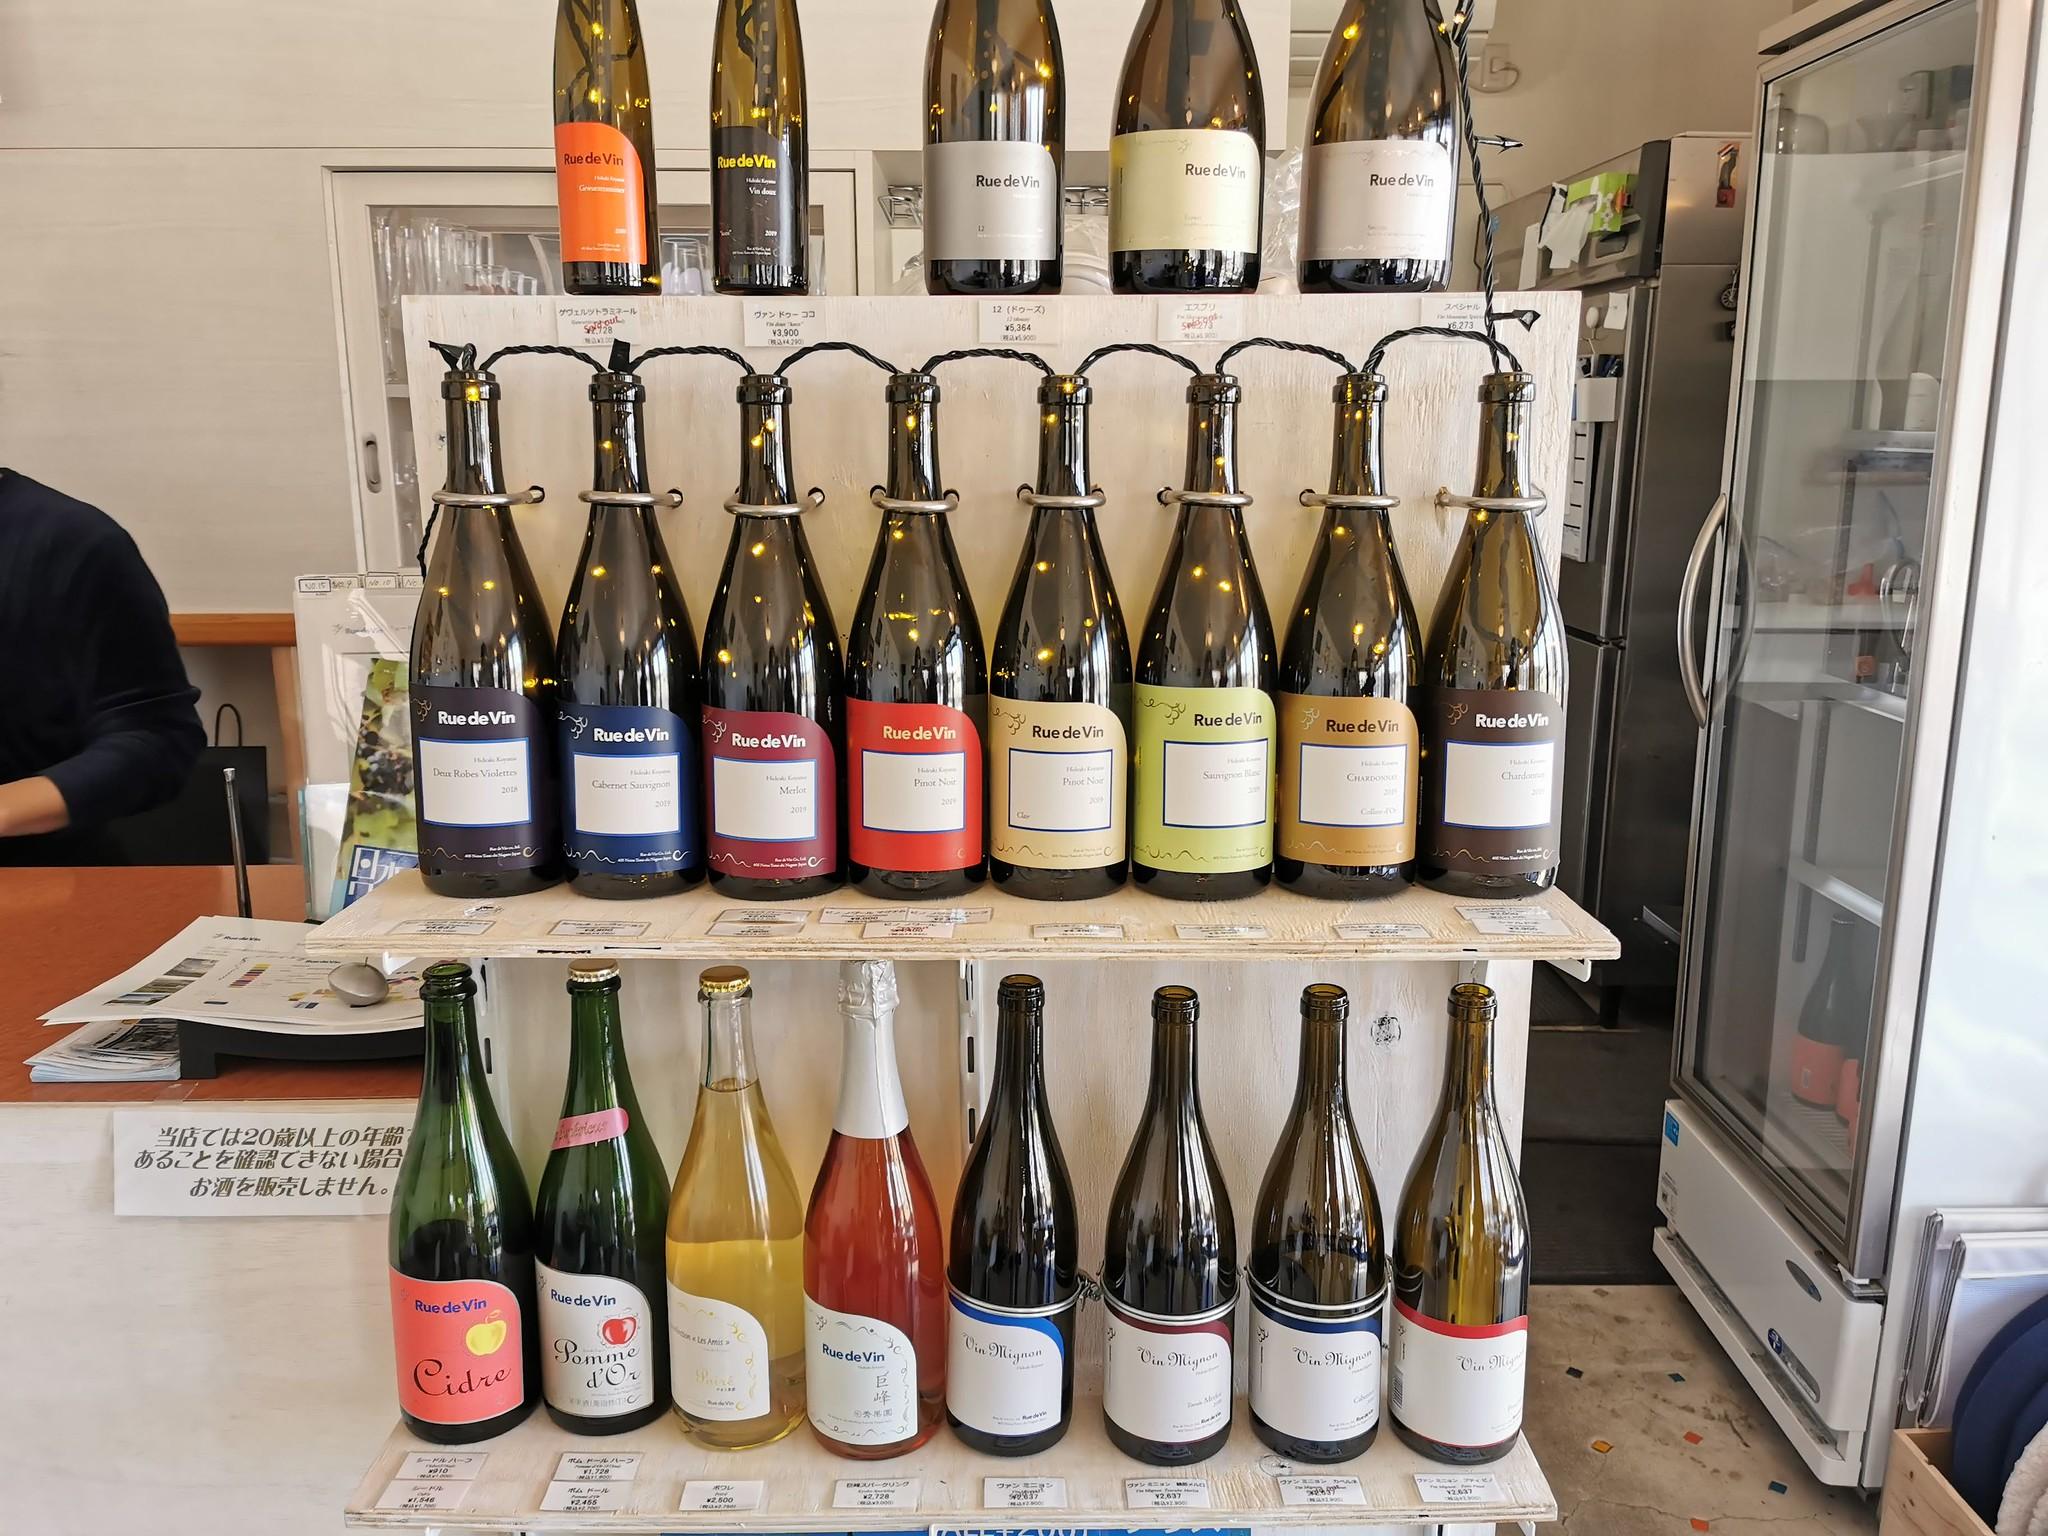 【長野県東御市】カフェリュードヴァン(Cafe Rue de Vin)@人気ワイナリーで心地の良いランチ。試飲ワインも豊富でオススメ。